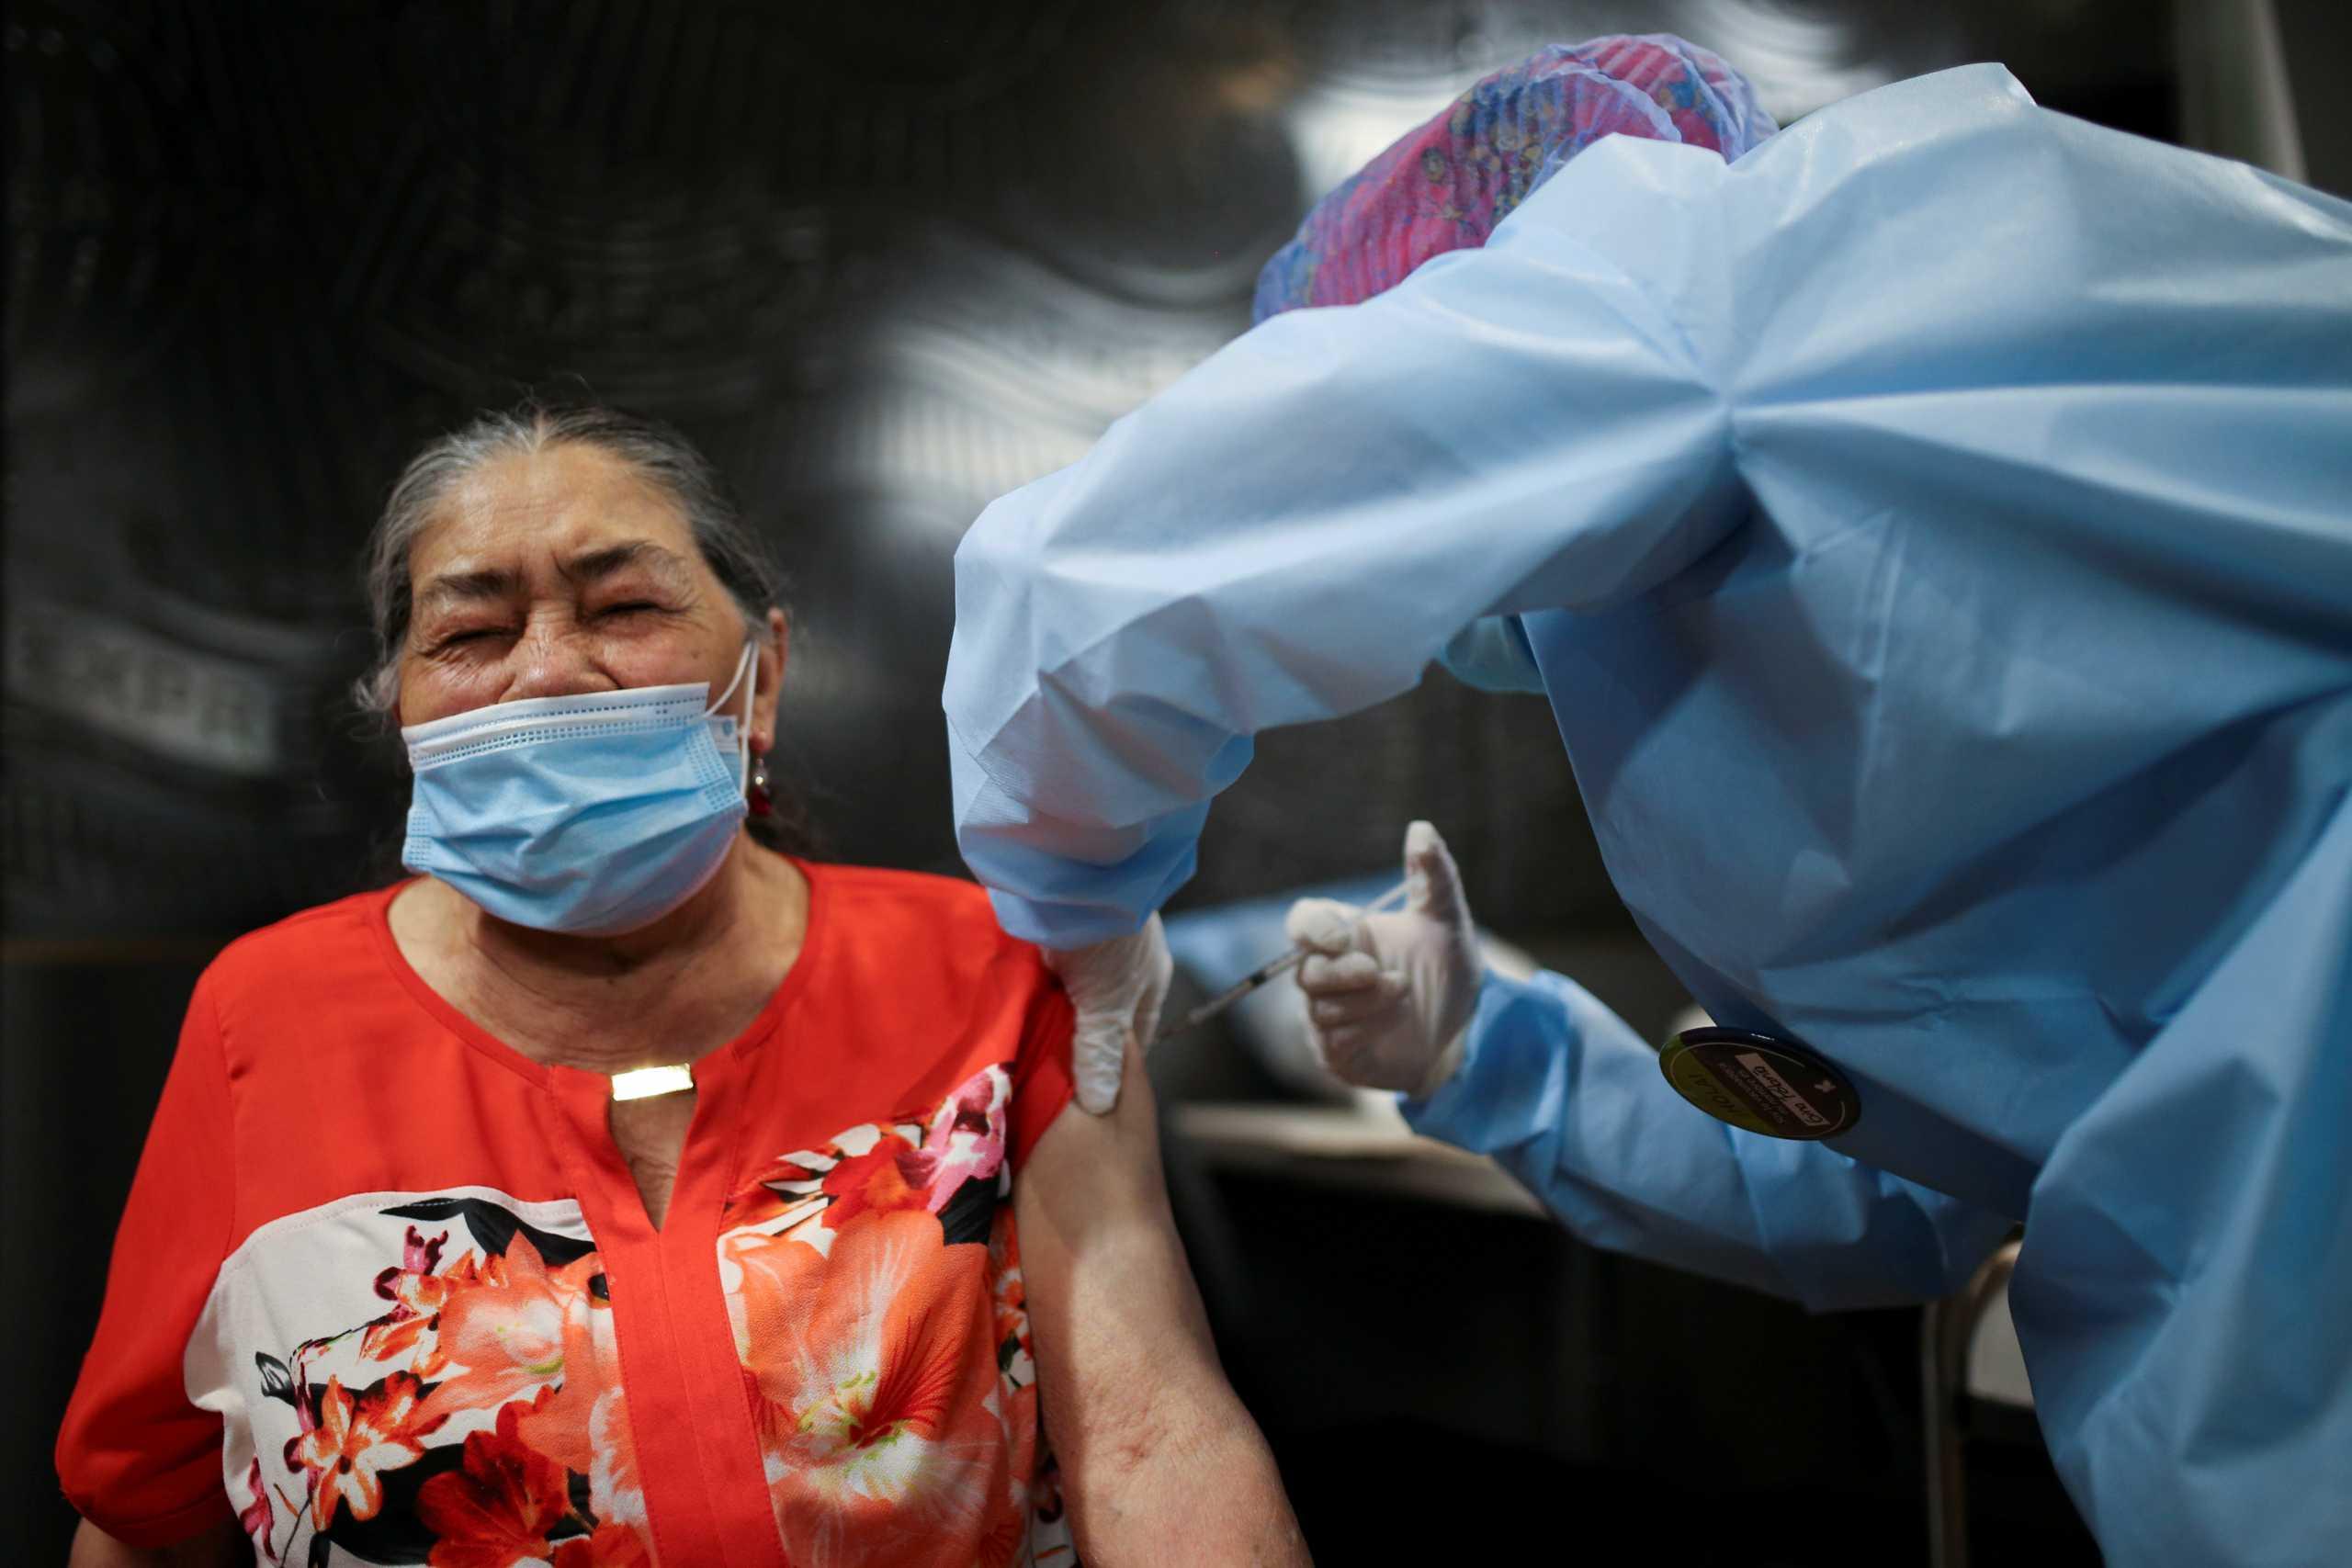 Κολομβία:Ελεύθερη η εισαγωγή εμβολίων για τον κορονοϊό από ιδιωτικές εταιρείες εφόσον διανέμονται δωρεάν